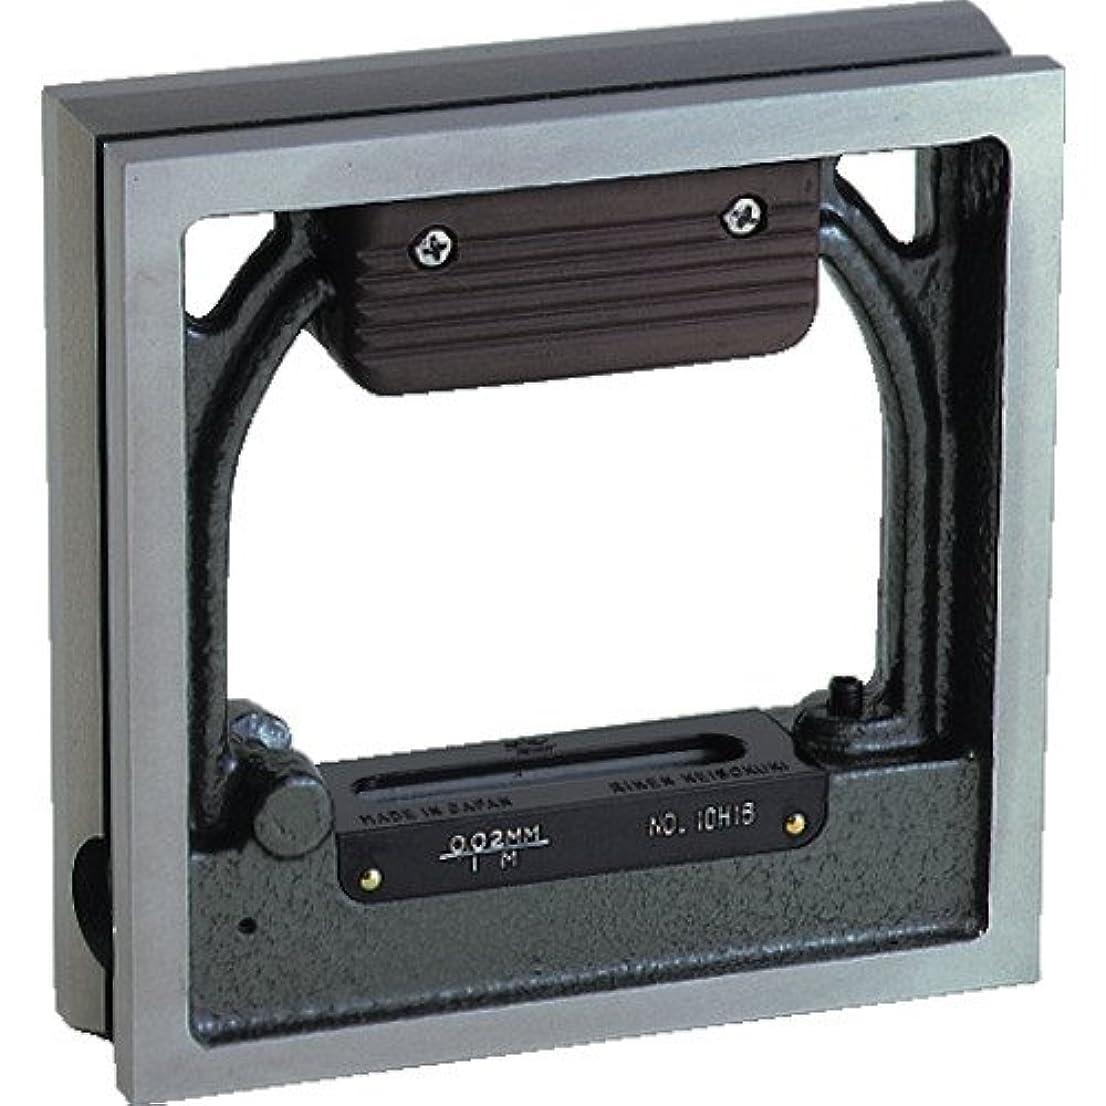 告発コンテンポラリー定義するTRUSCO(トラスコ) 角型精密水準器 B級 寸法150×150 感度0.02 TSL-B1502